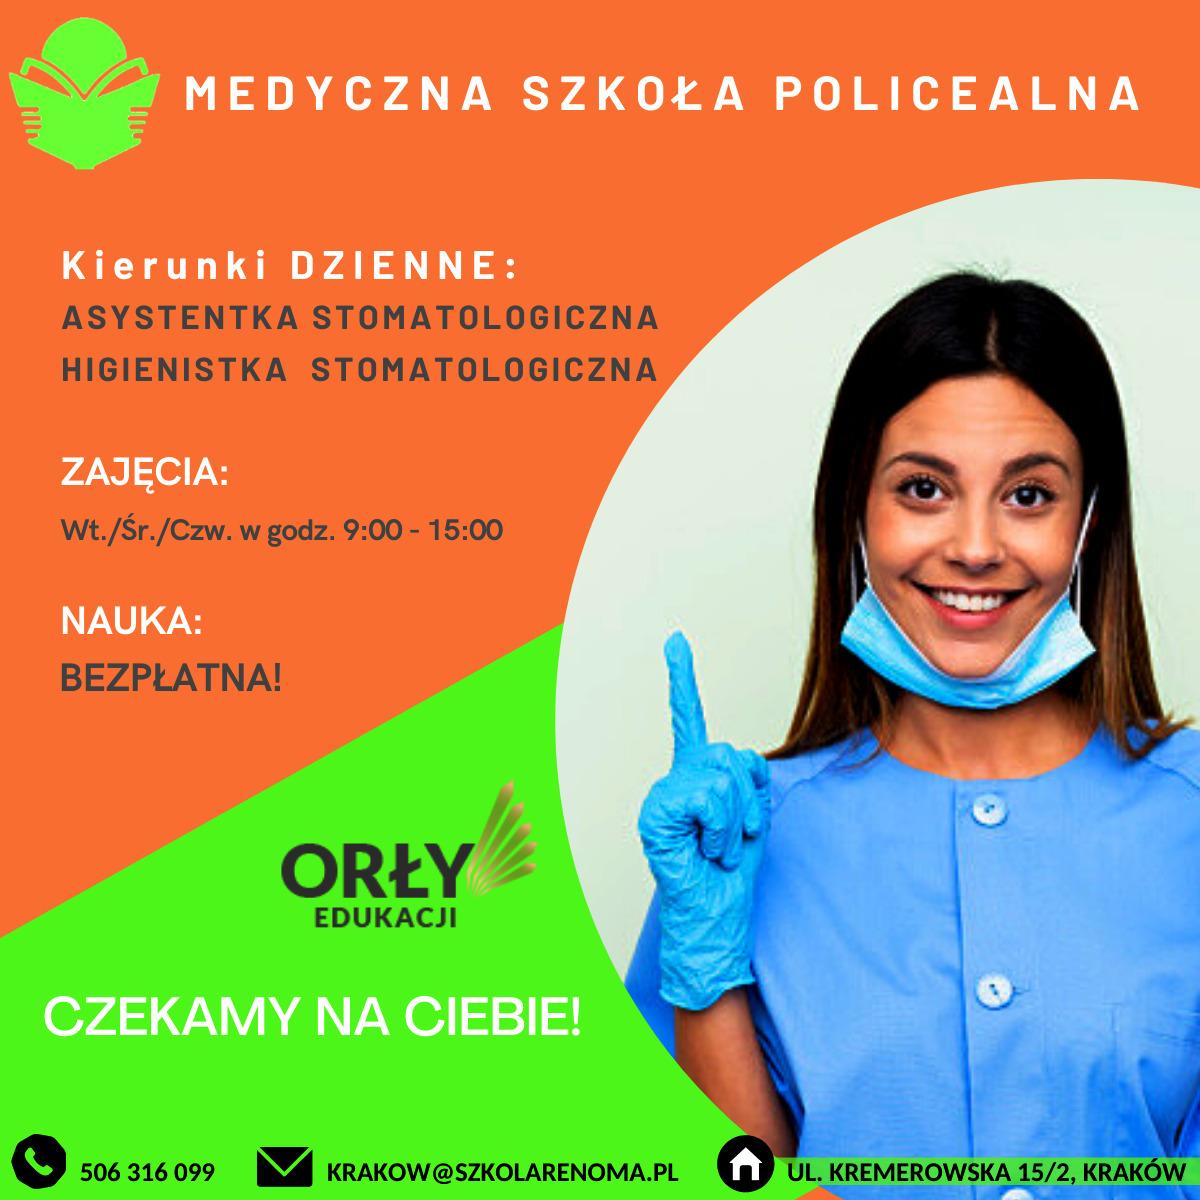 Dzienna szkoła medyczna w Krakowie